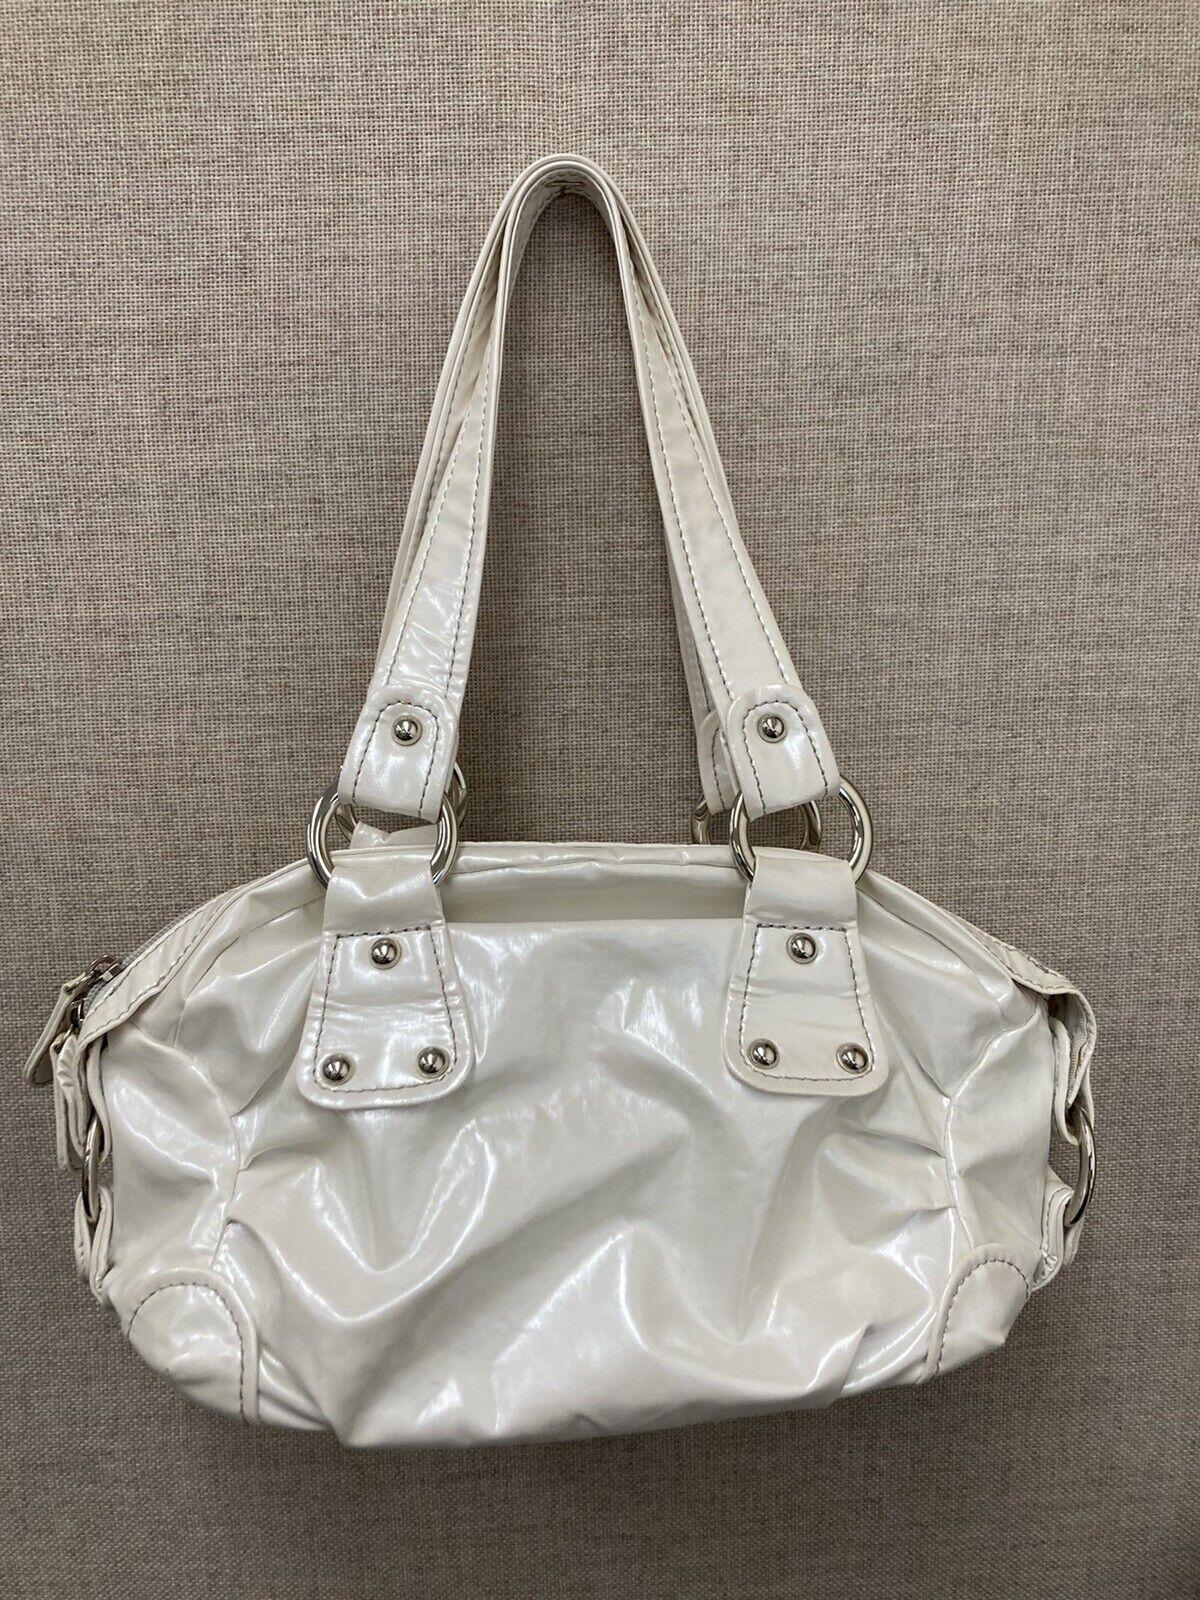 Authentic Anna Sui Shoulder Hand Bag - image 2